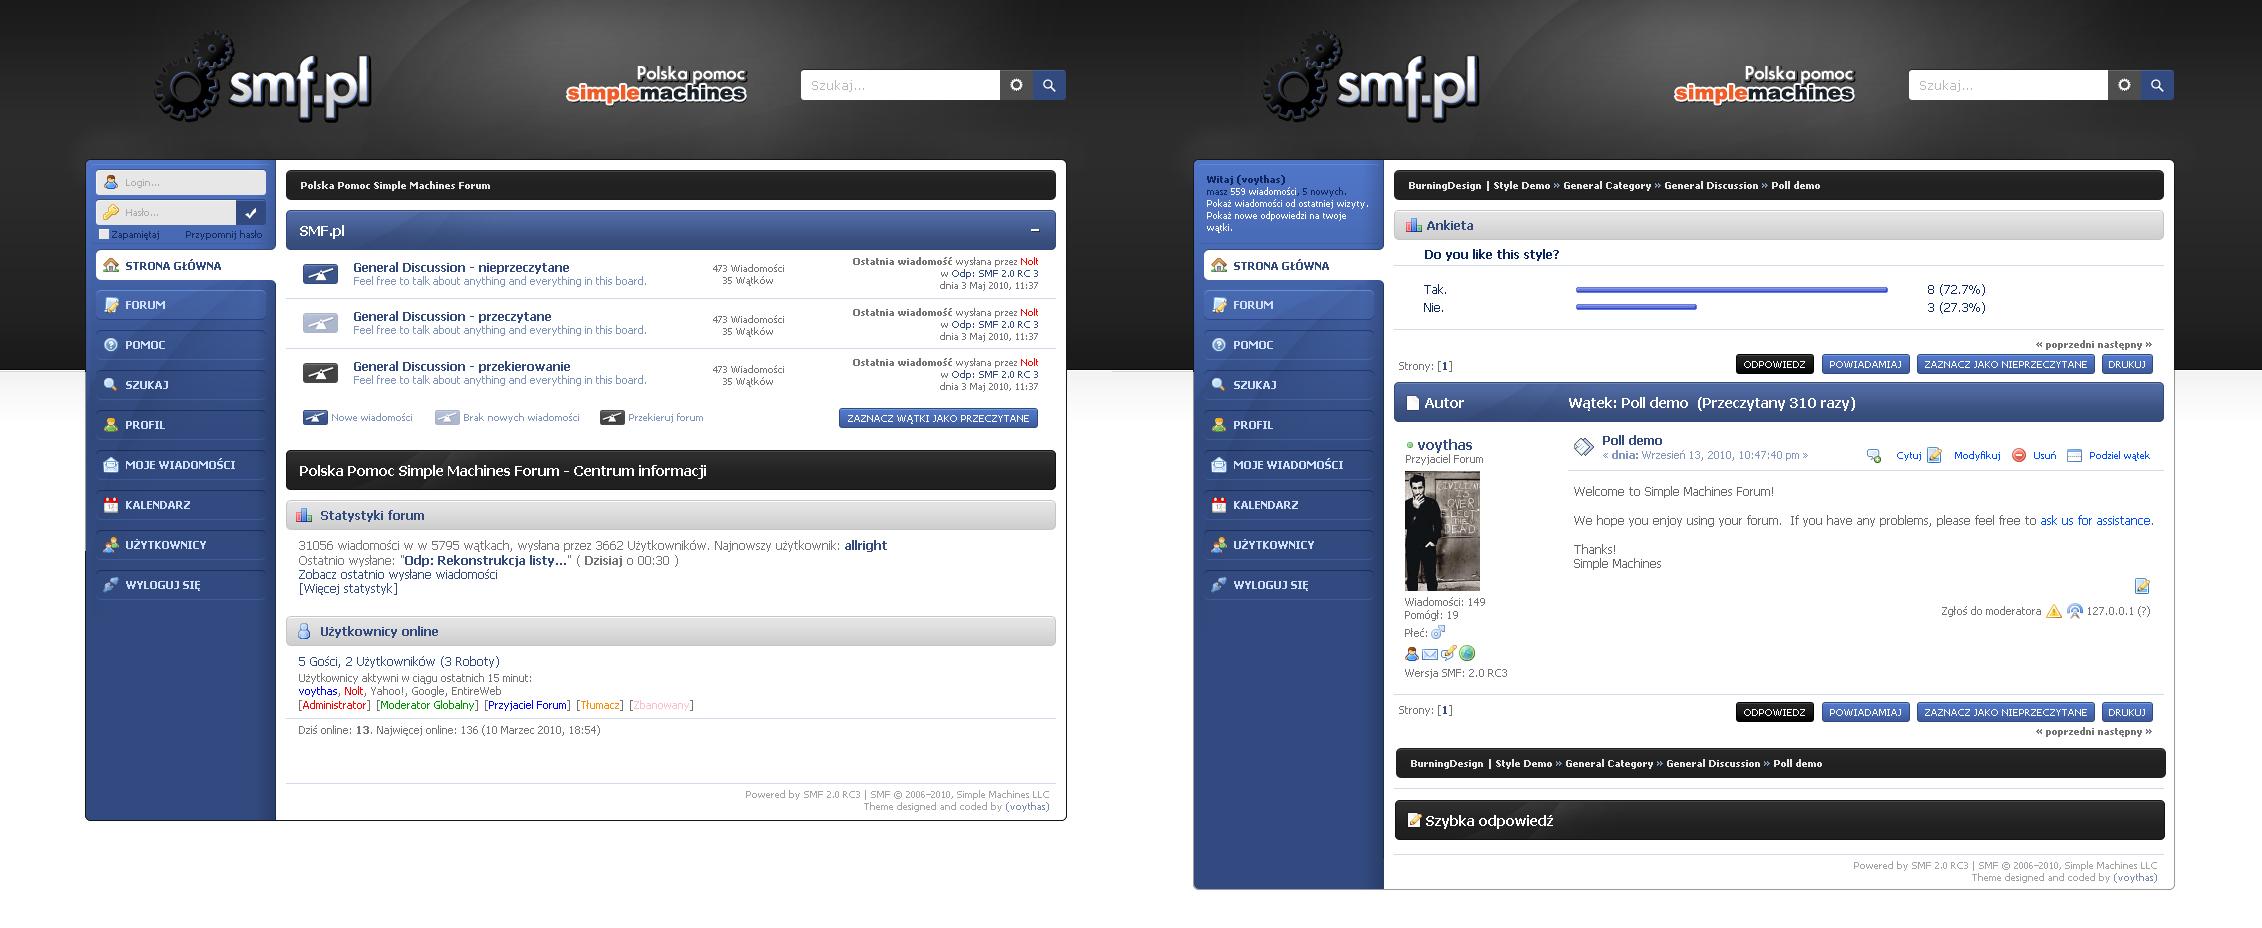 Дизайны для smf